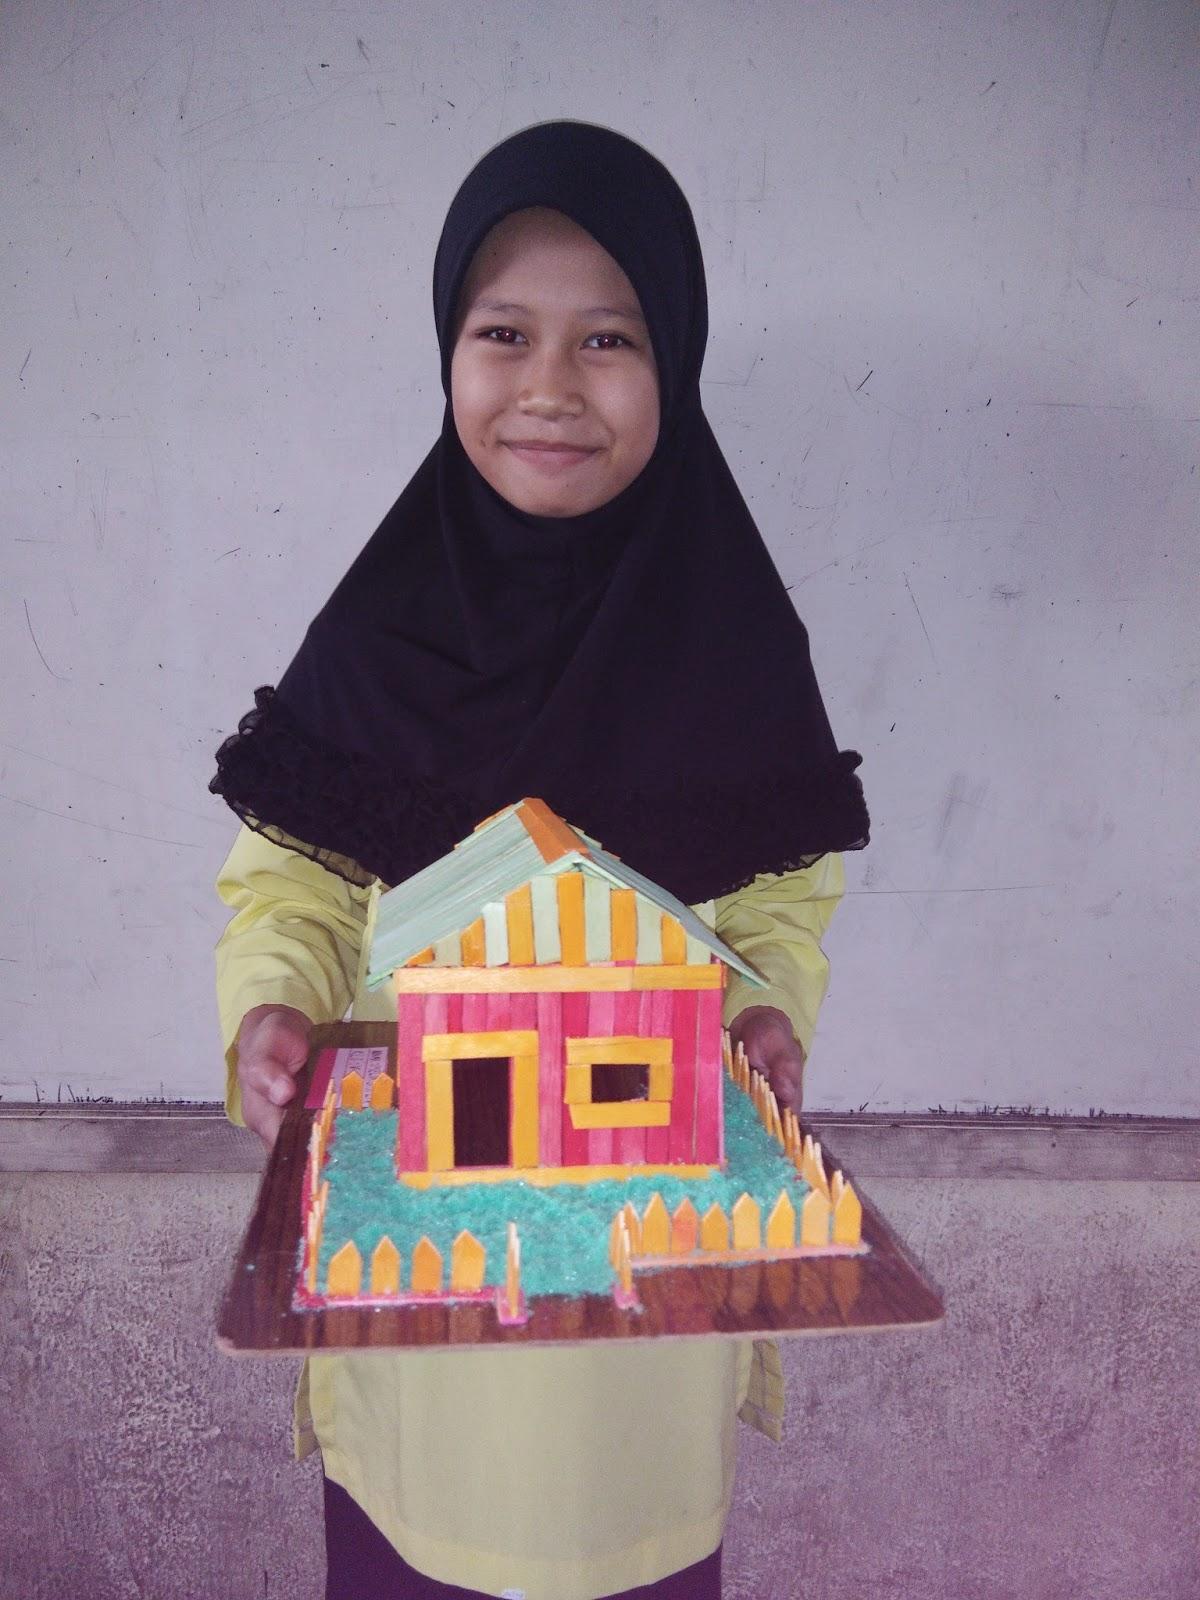 Miniatur Rumah Oleh Melia Gita Lestari Kelas Pak Pris